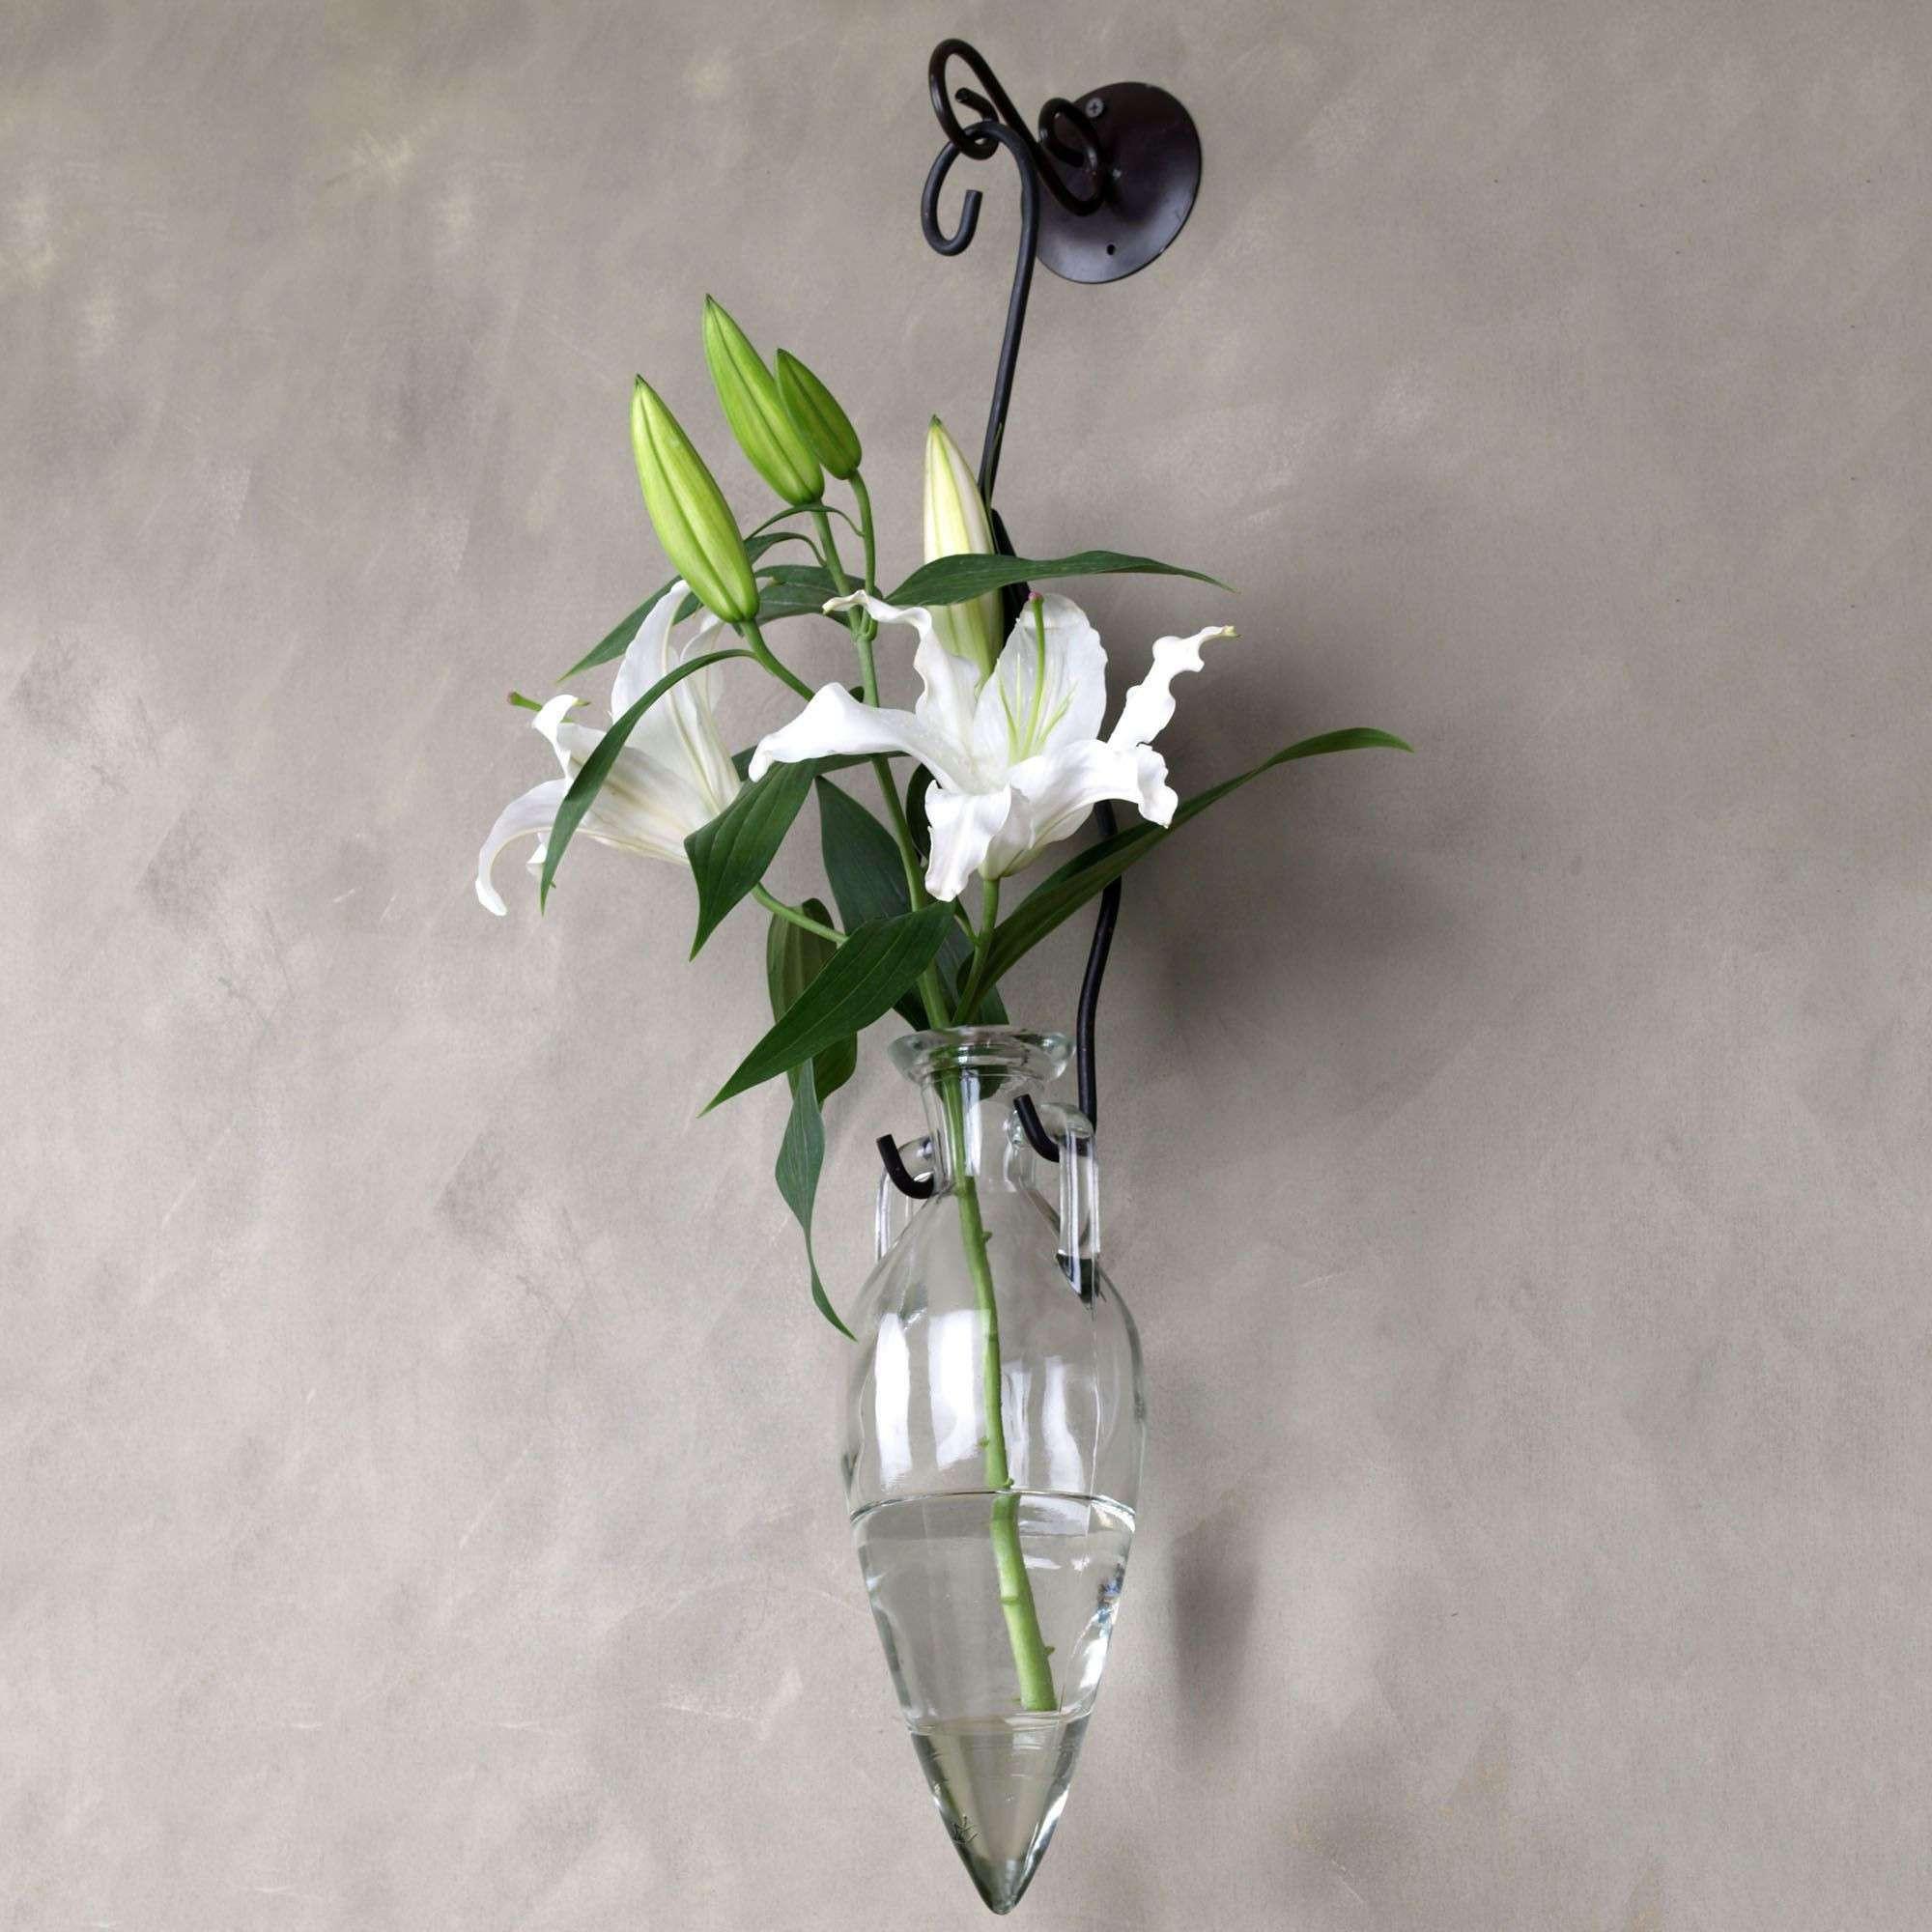 glass flower frog vase of 18 elegant mason jar hanging wall vase bogekompresorturkiye com pertaining to h vases wall hanging flower vase newspaper i 0d scheme wall scheme scheme white flower